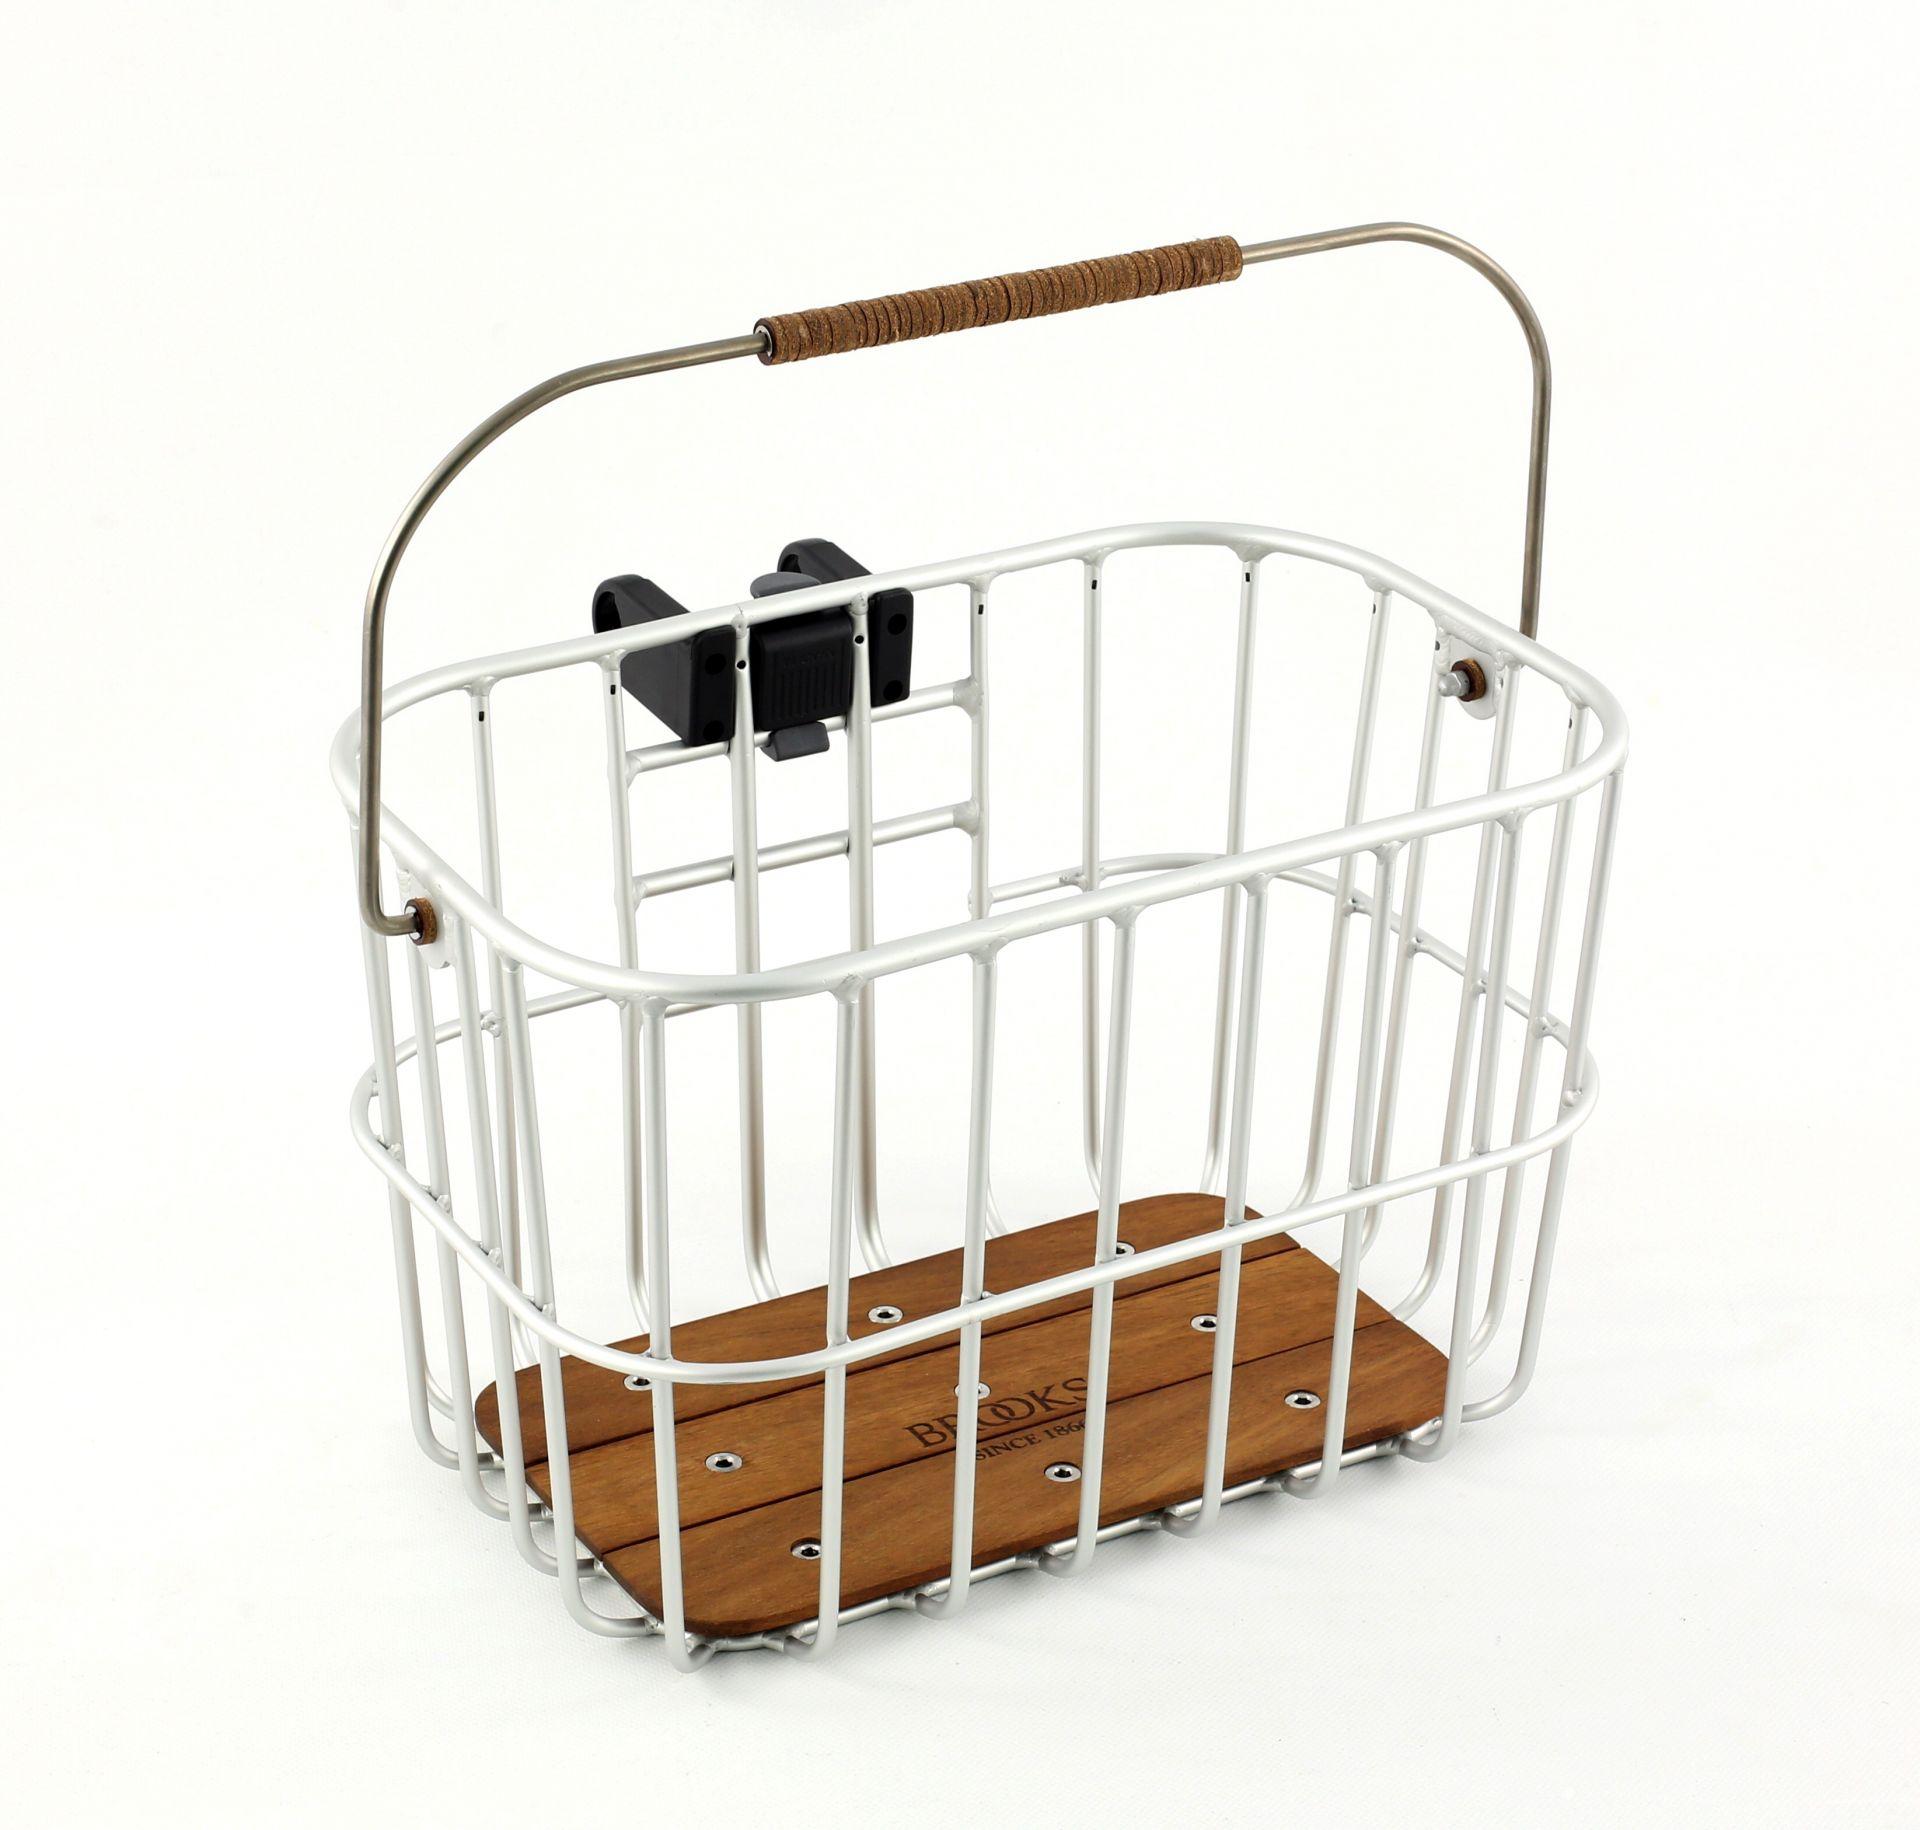 Panier métal et bois Brooks Hoxton Wire Basket 25 L + KLICKfix Argent